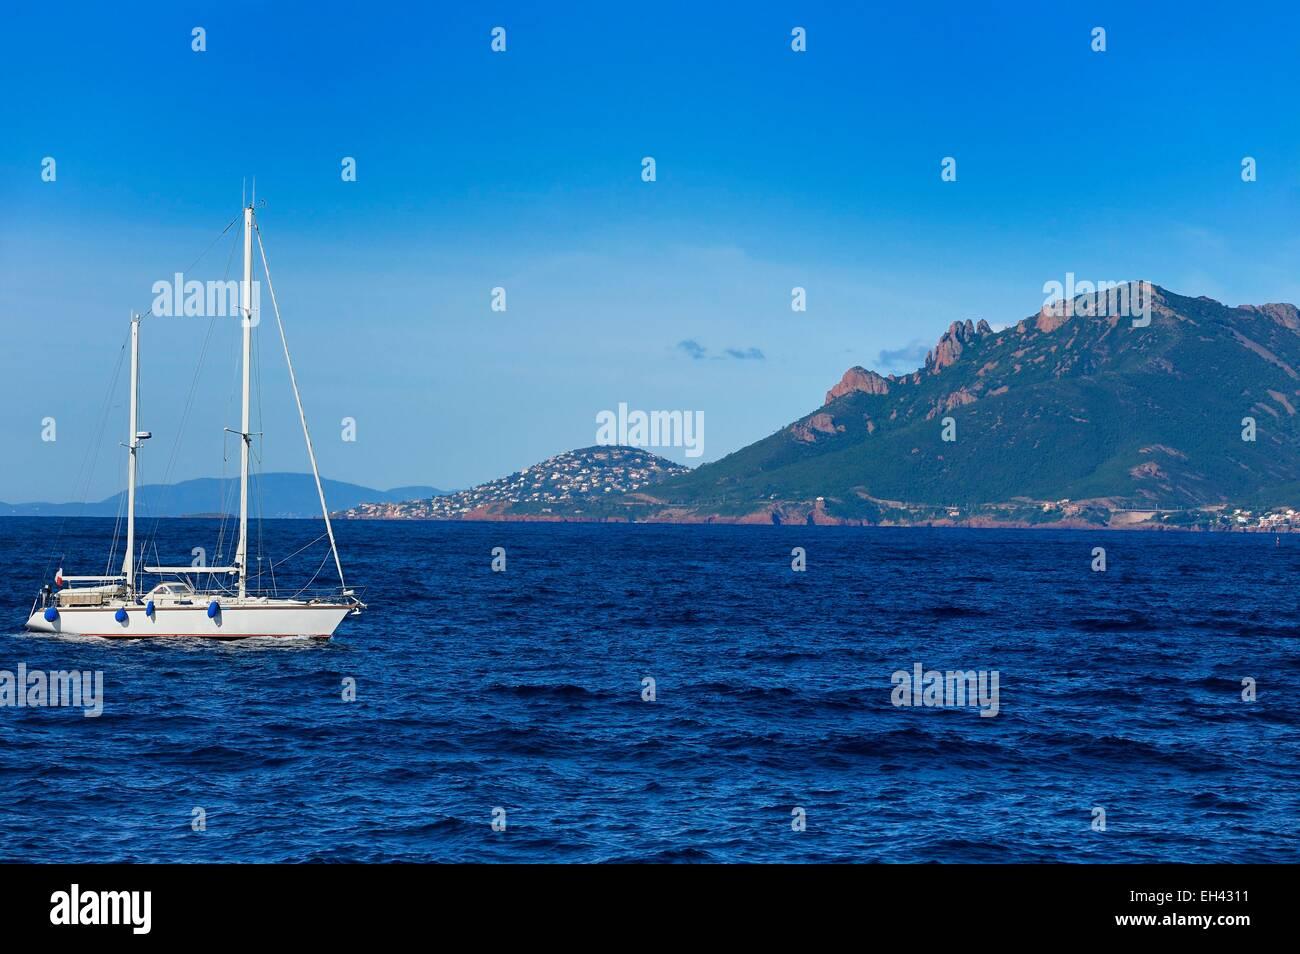 France, Alpes Maritimes, voilier au large des îles de Lérins et l'Estérel à l'arrière-plan Banque D'Images